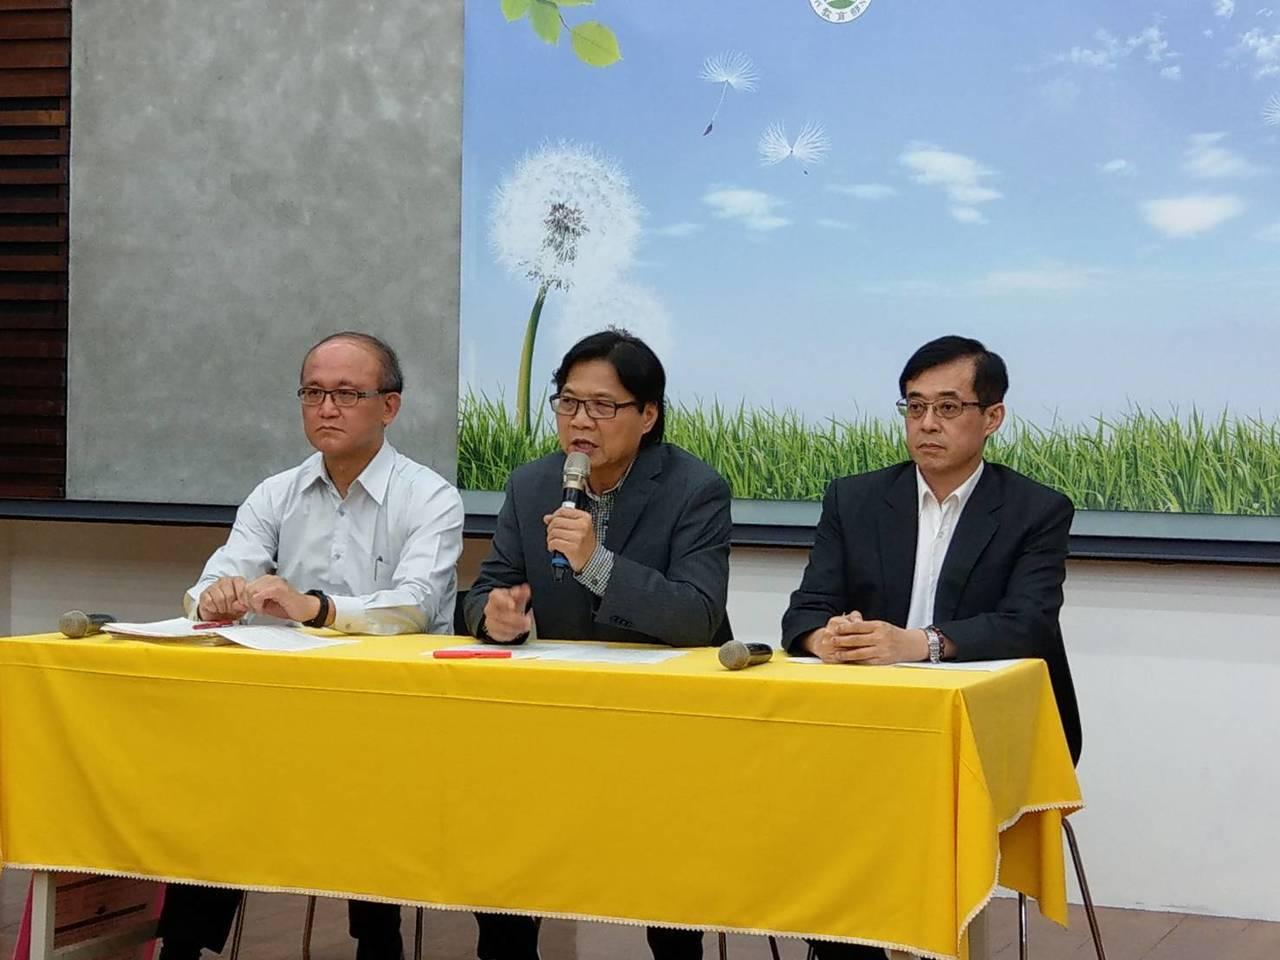 教育部長葉俊榮(中)下午臨時召開記者會談管中閔案。記者張錦弘/攝影